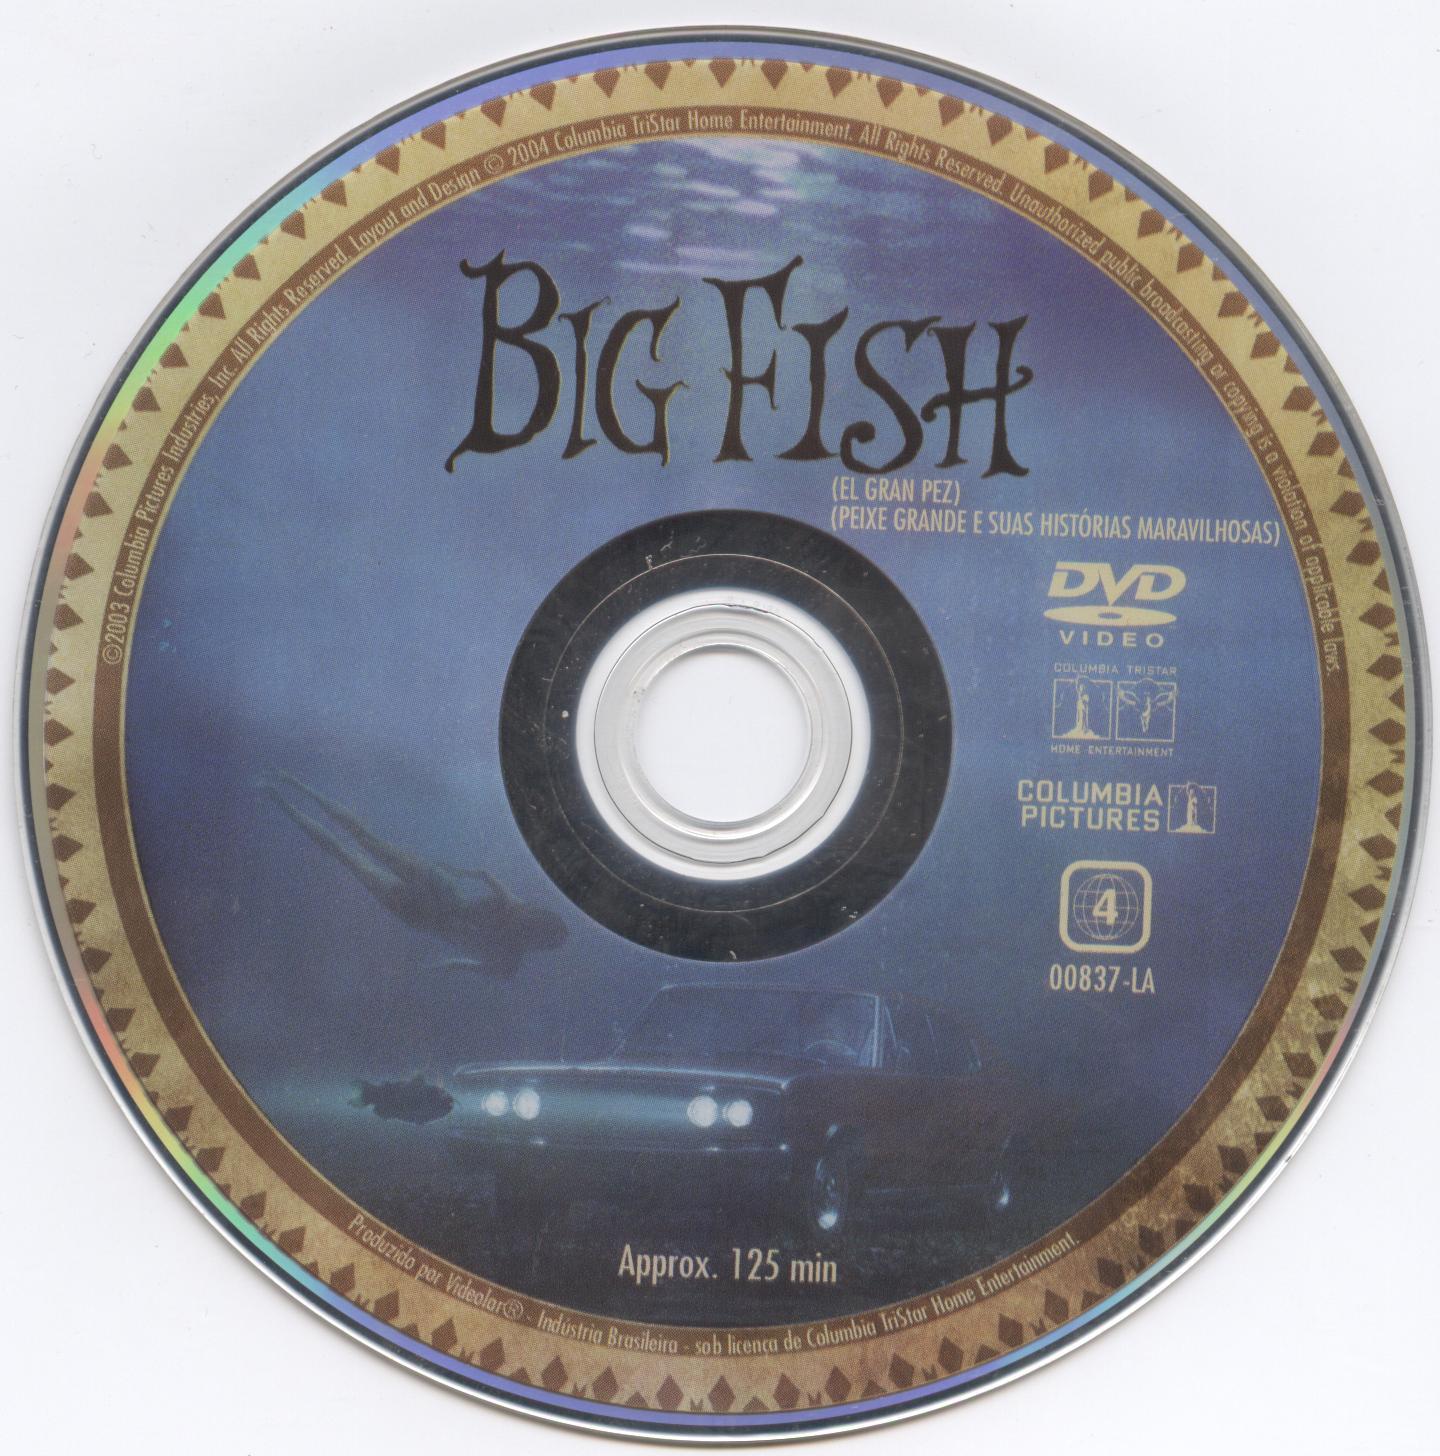 http://3.bp.blogspot.com/_FN7dlH54yBQ/TMPksnLXCGI/AAAAAAAAEM8/mYvn9eWa2fs/s1600/El+Gran+Pez+CD.jpg